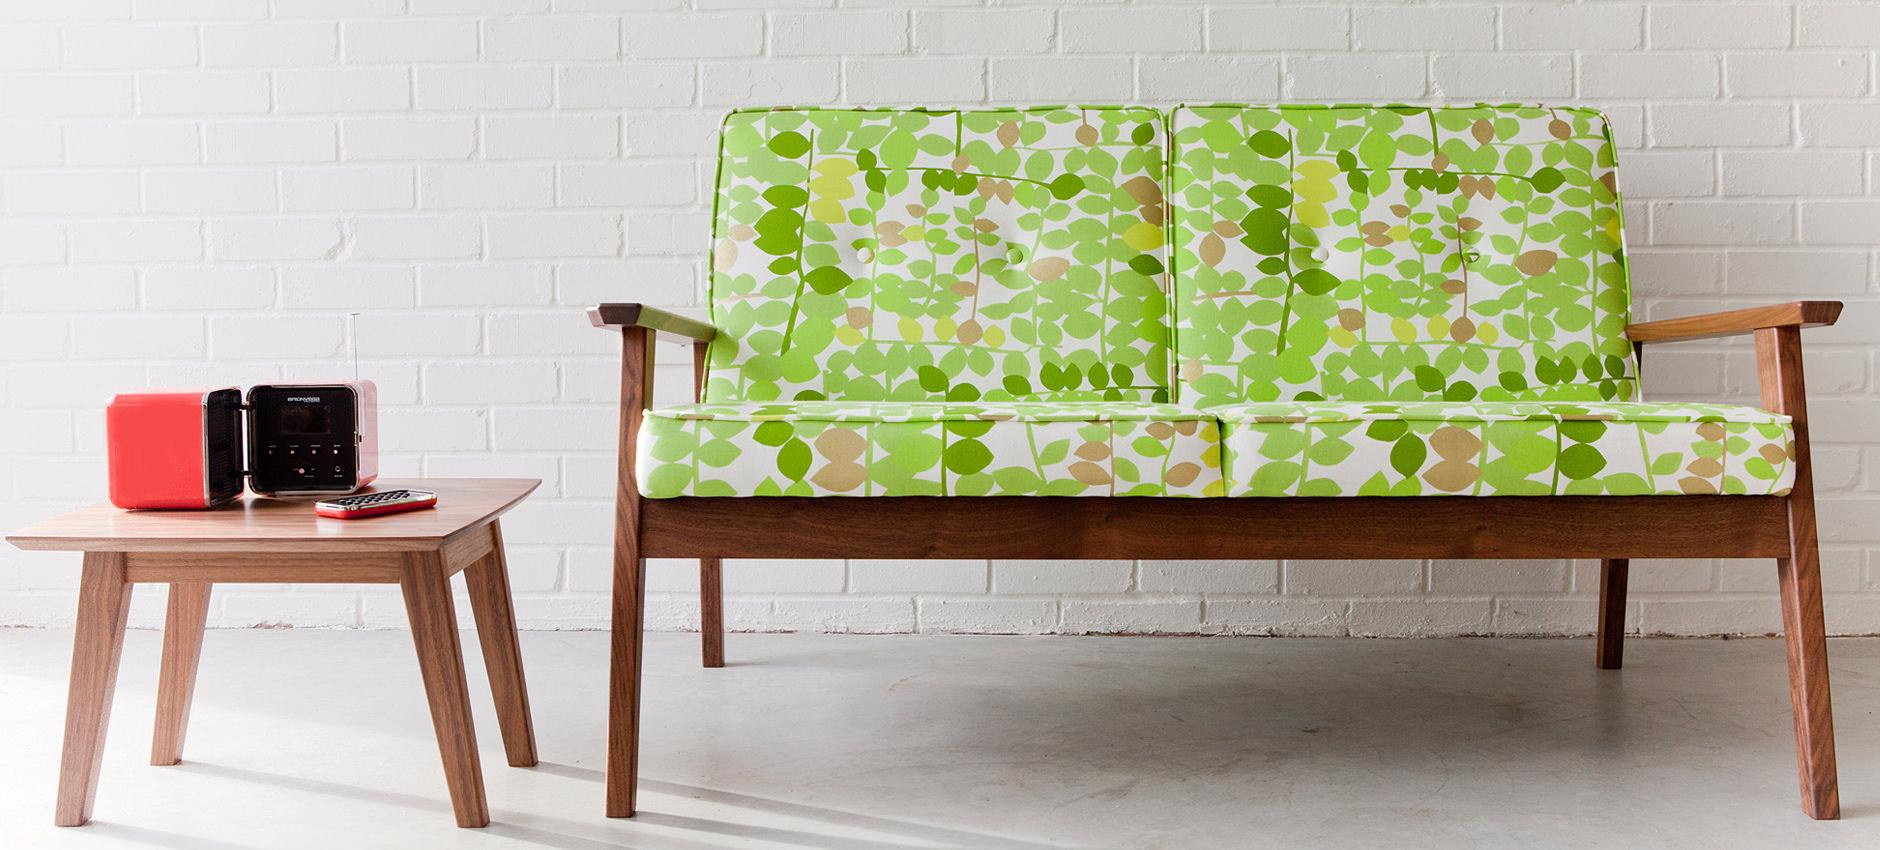 Диван на деревянном каркасе с текстильными подушками